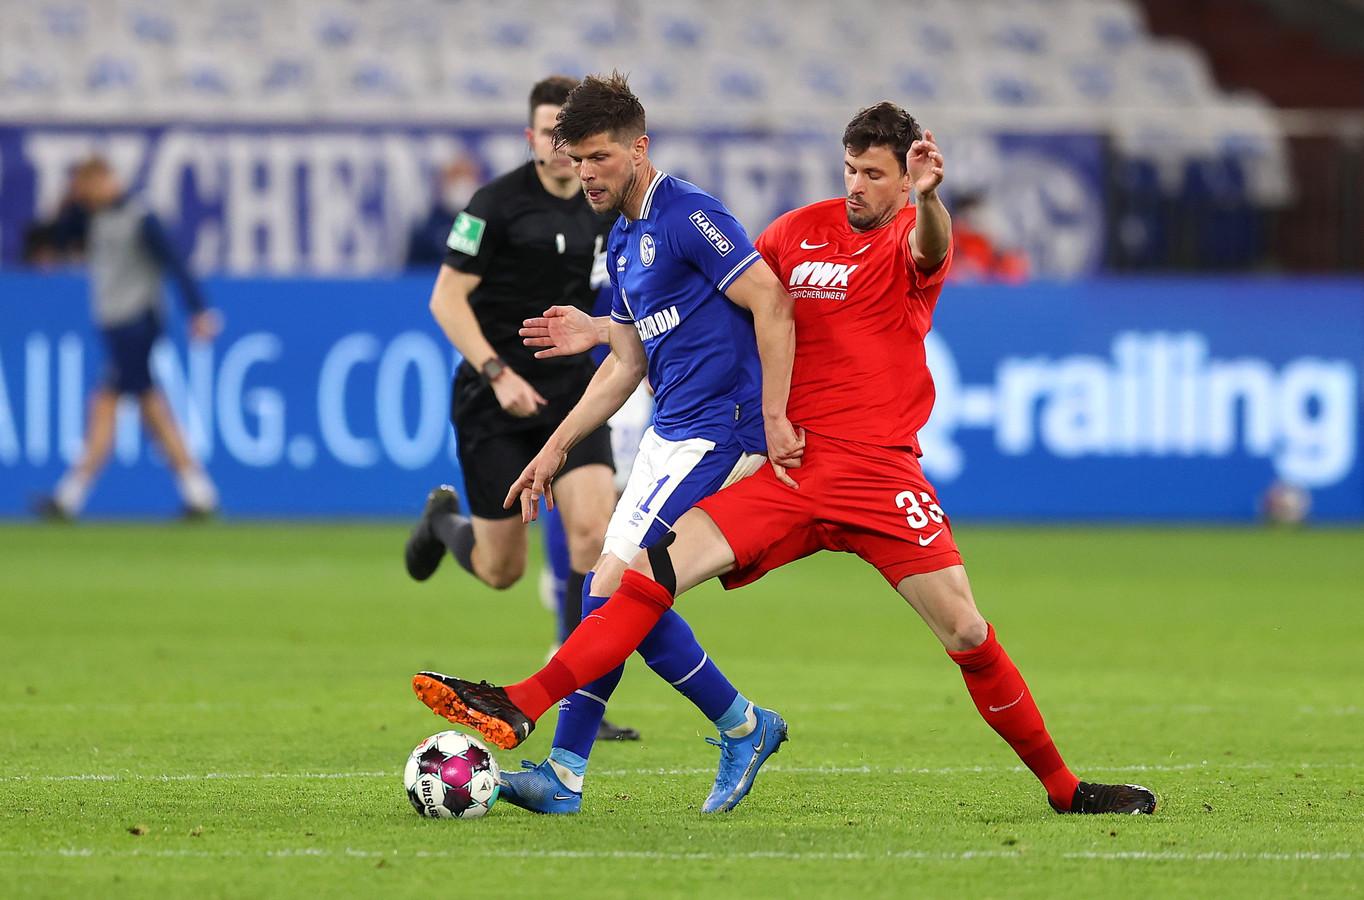 Speelt Klaas-Jan Huntelaar ook volgend seizoen voor Schalke 04?